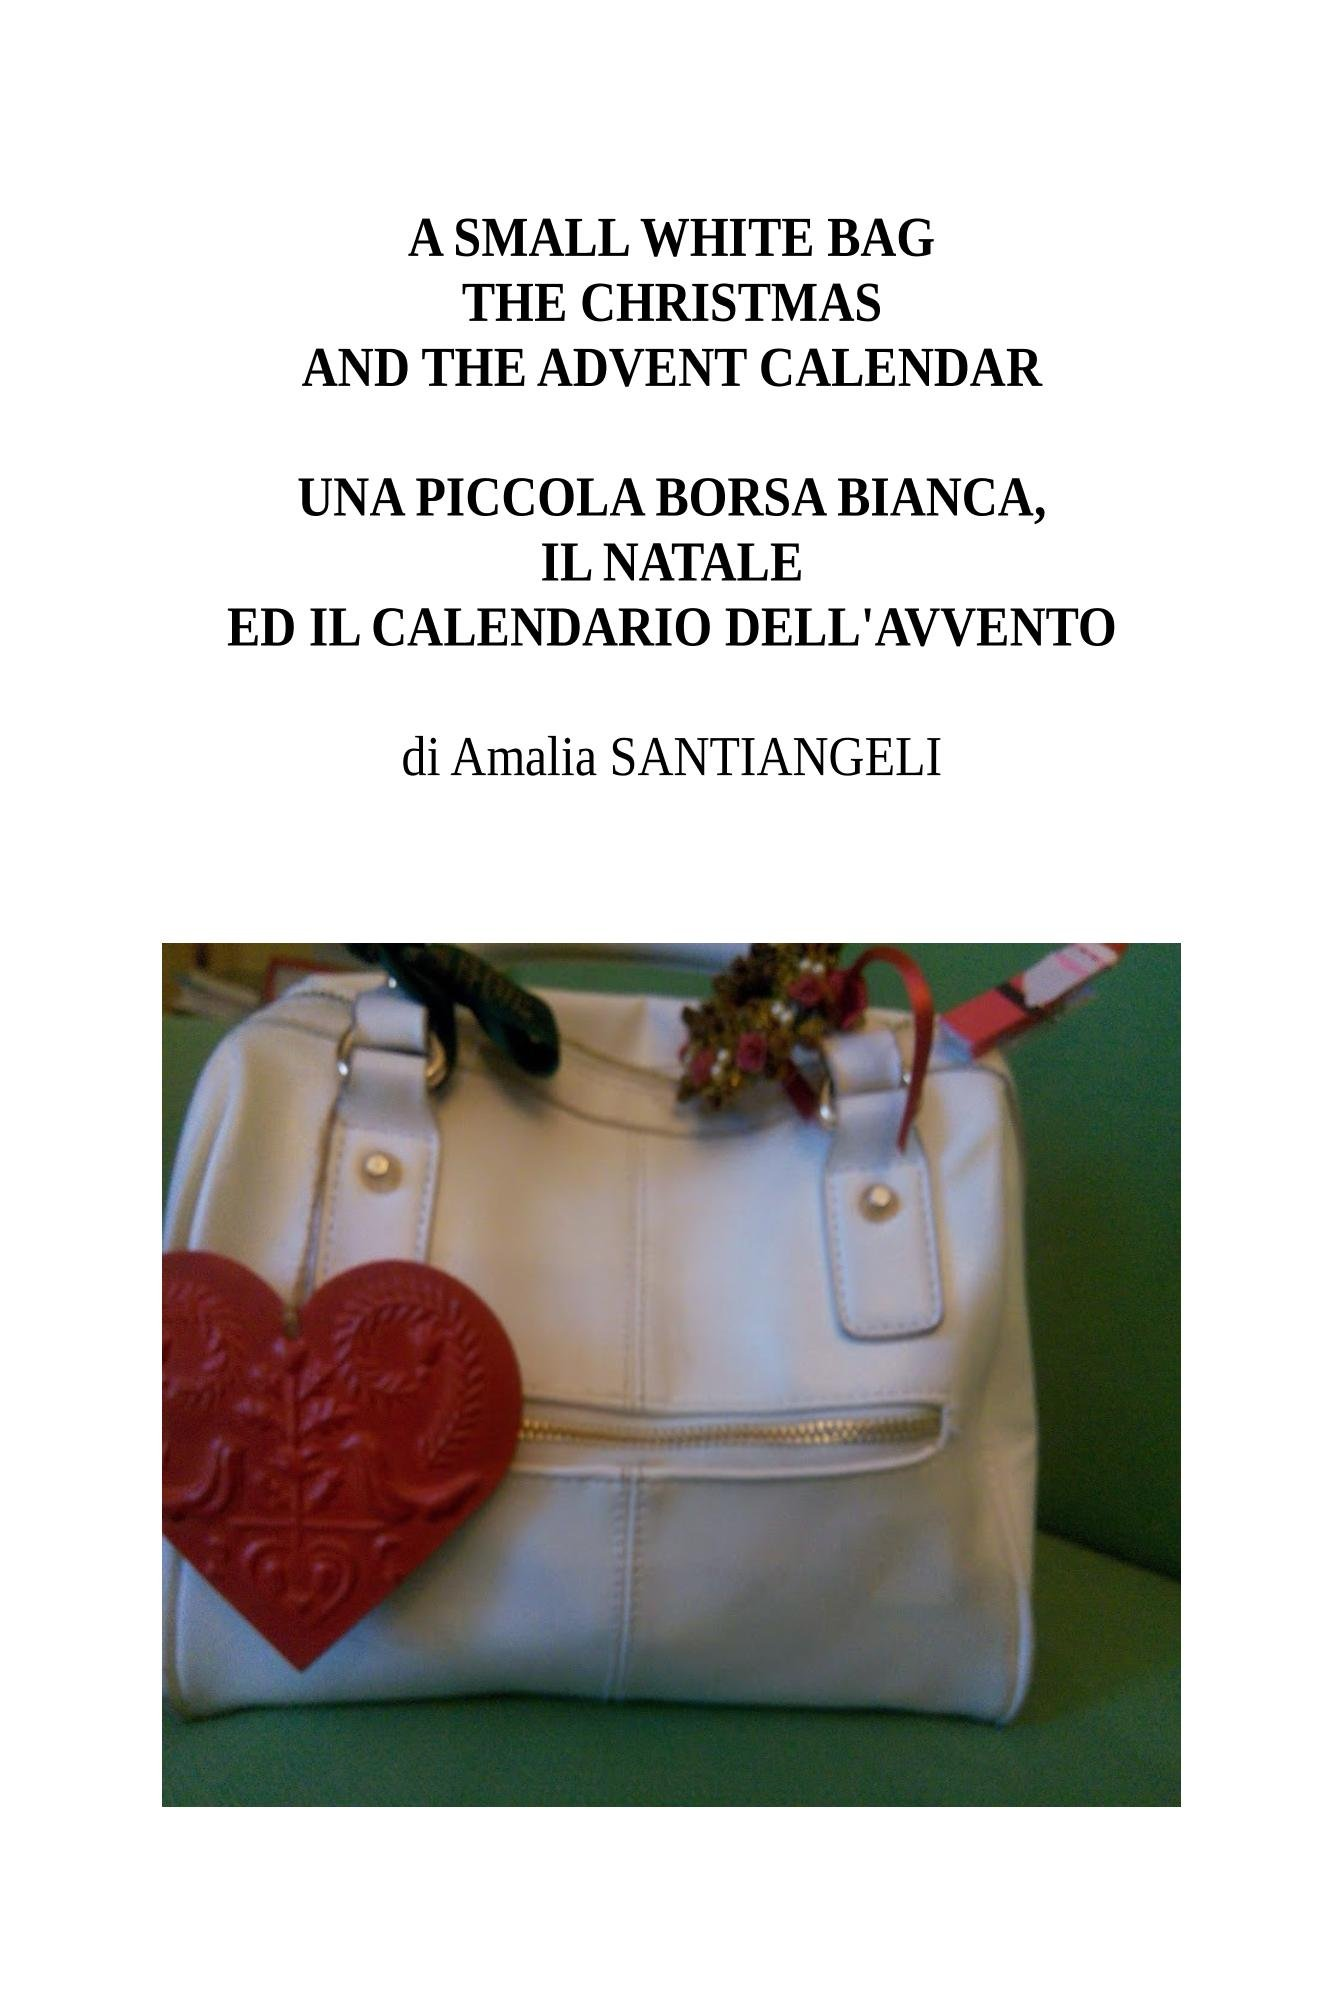 Borsa Calendario.A Small White Bag The Christmas And The Advent Calendar Una Piccola Borsa Bianca Il Natale Ed Il Calendario Dell Avvento Giochi Legno